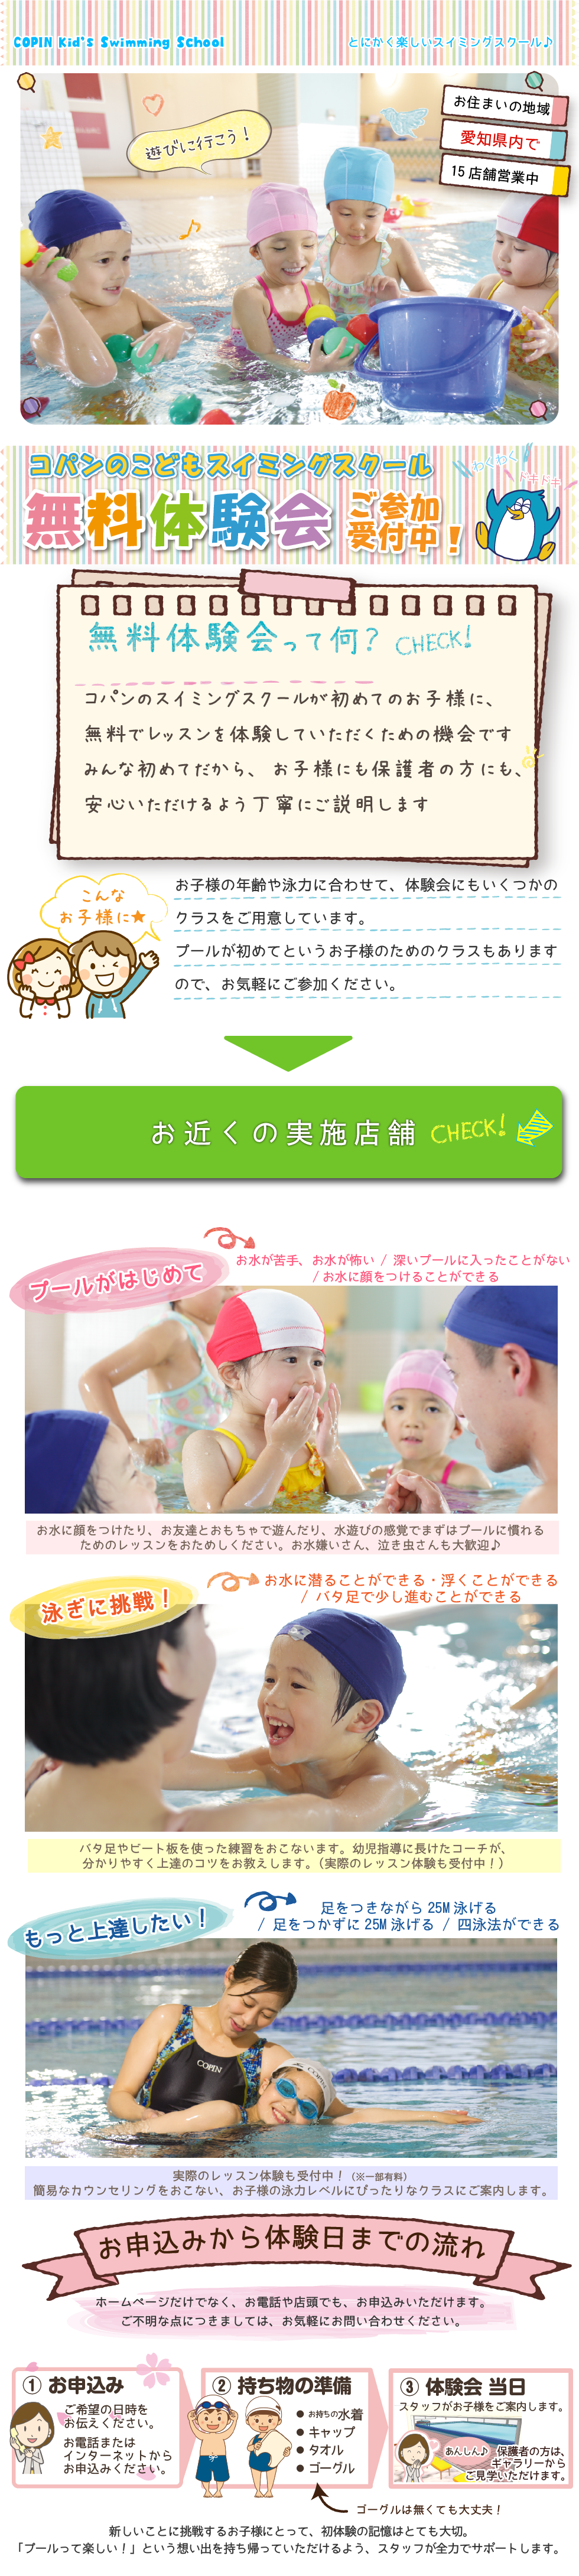 【愛知】子供スイミング無料体験会LP_(2101)愛知ver.png